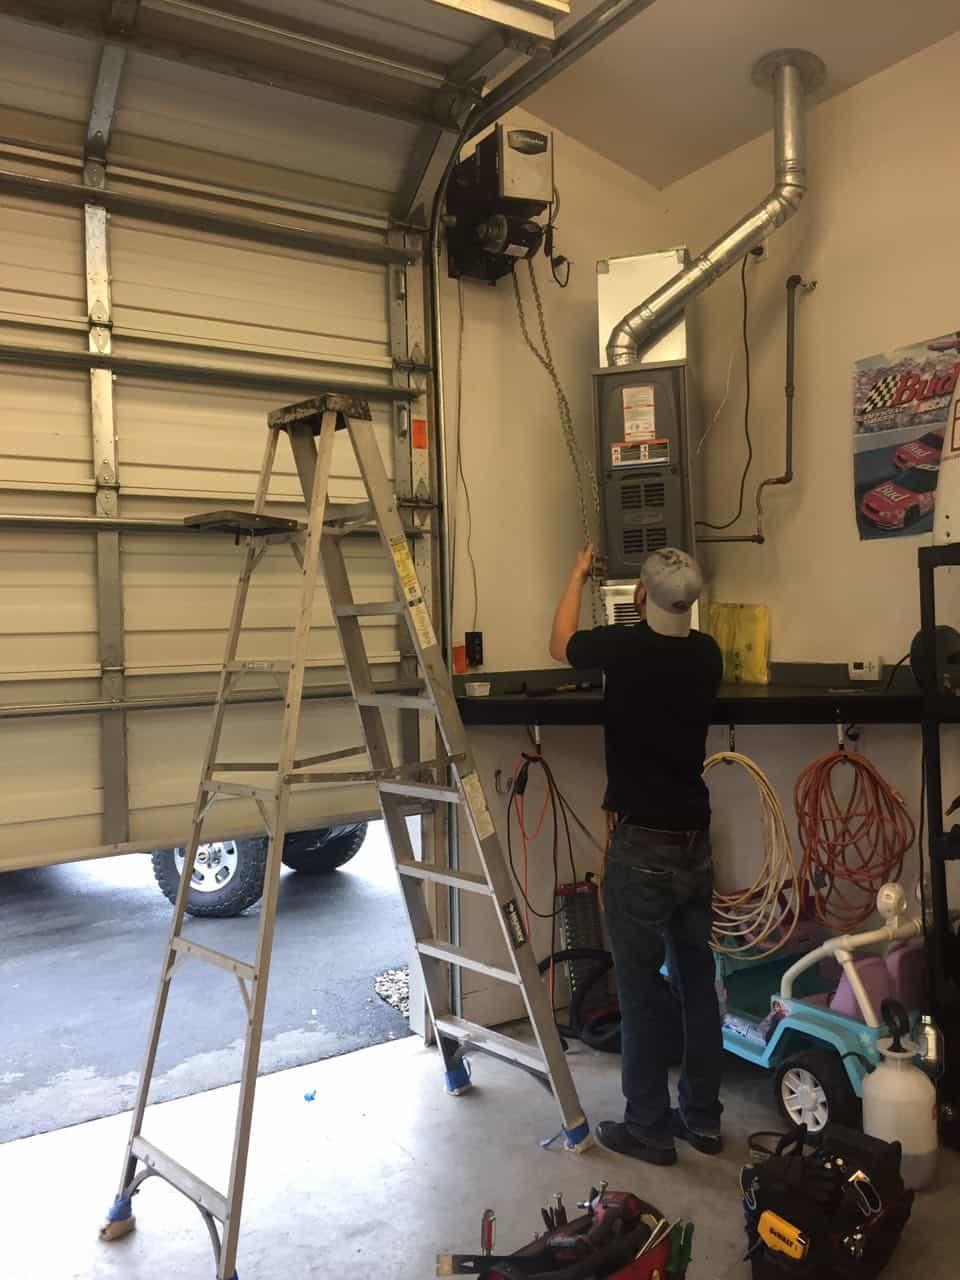 Commercial garage door repair in sumner wa by elite tech for Garage door repair bothell